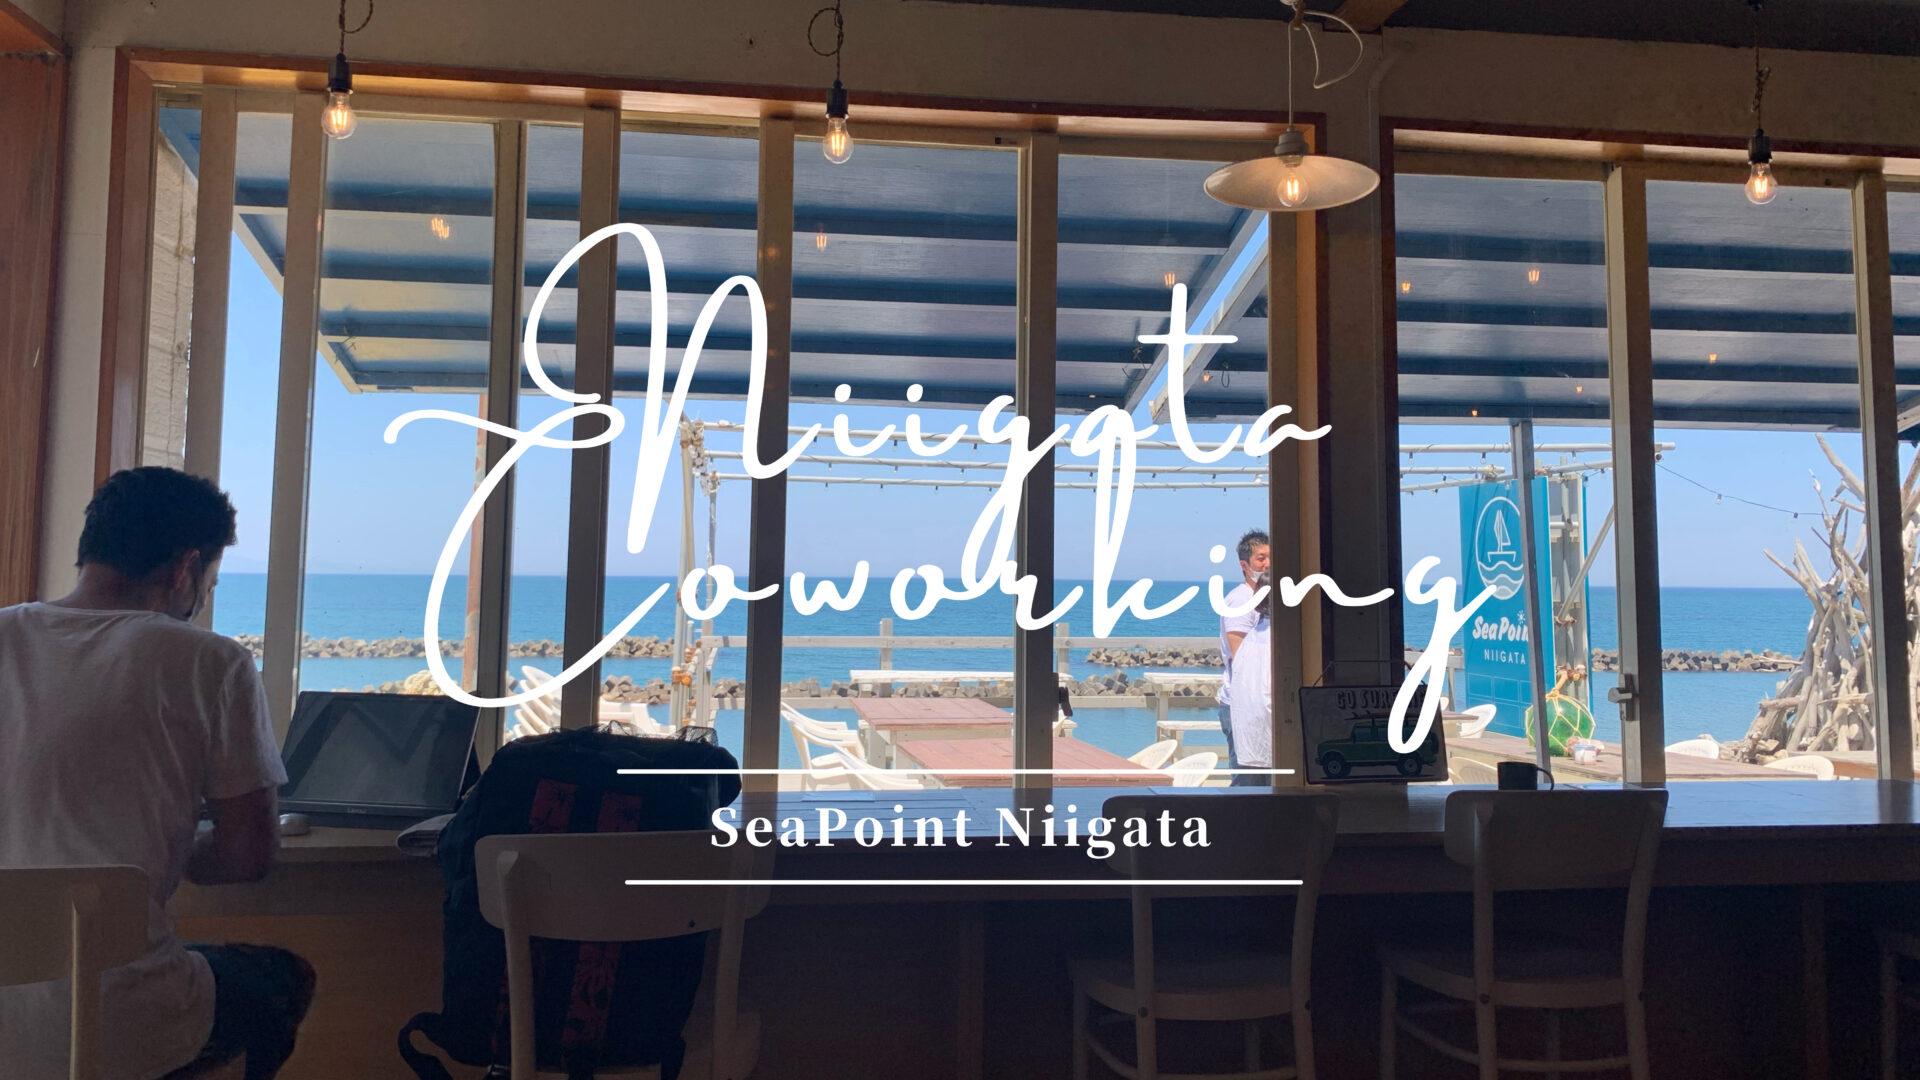 関屋浜にある「SeaPointNIIGATA(シーポイントニイガタ)」さんで海を見ながら贅沢に仕事してみた【新潟市内コワーキングスペース】